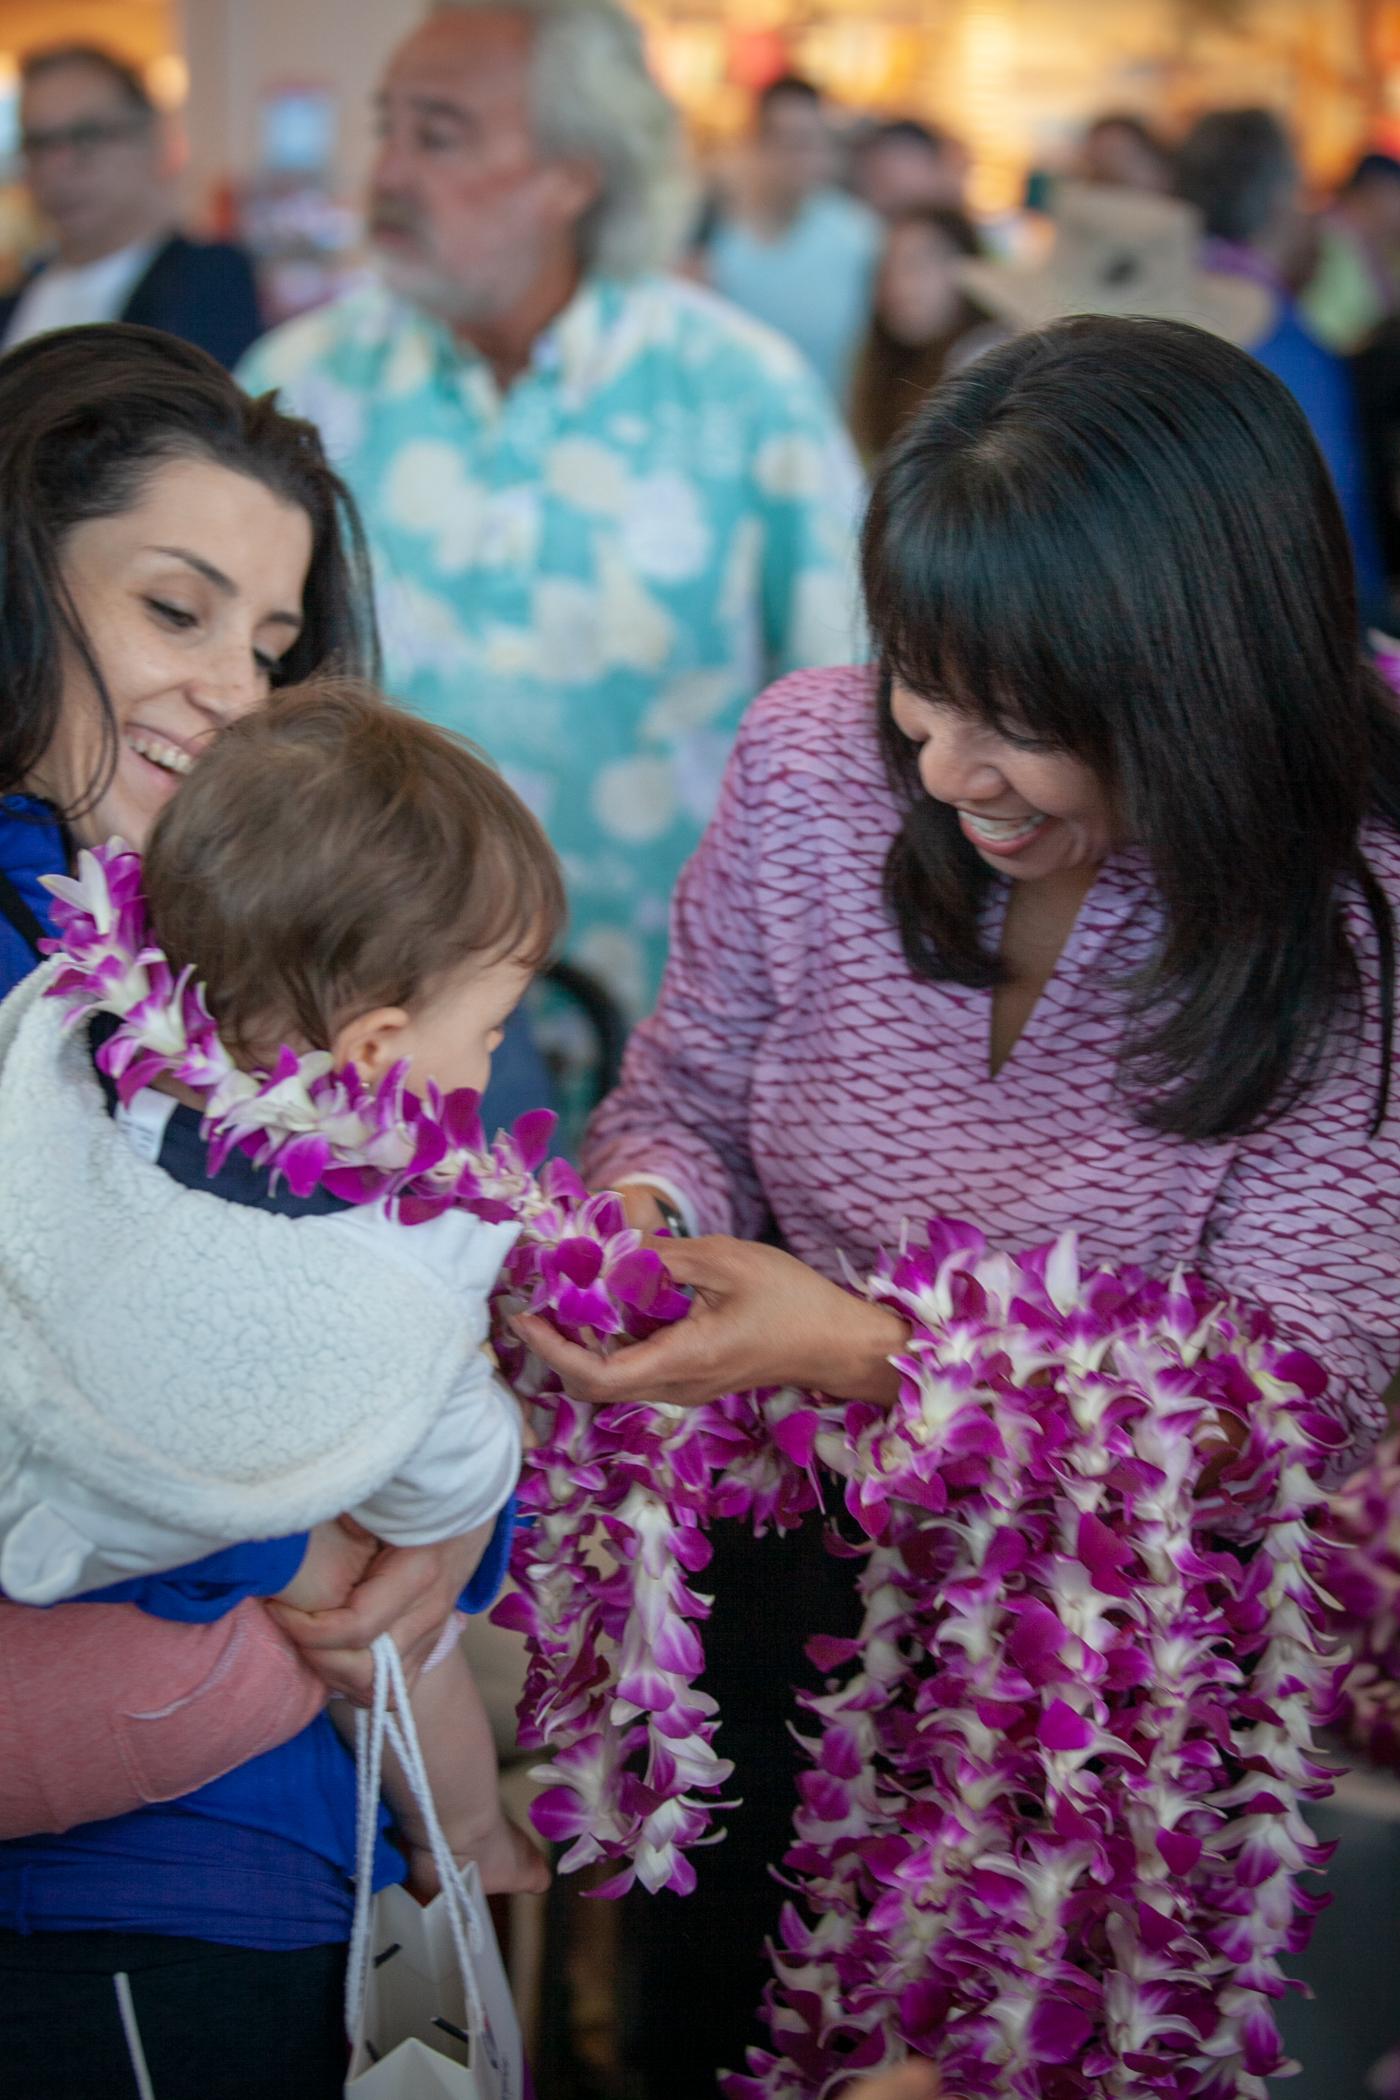 Αποτέλεσμα εικόνας για Hawaiian Airlines celebrates New Long Beach Service